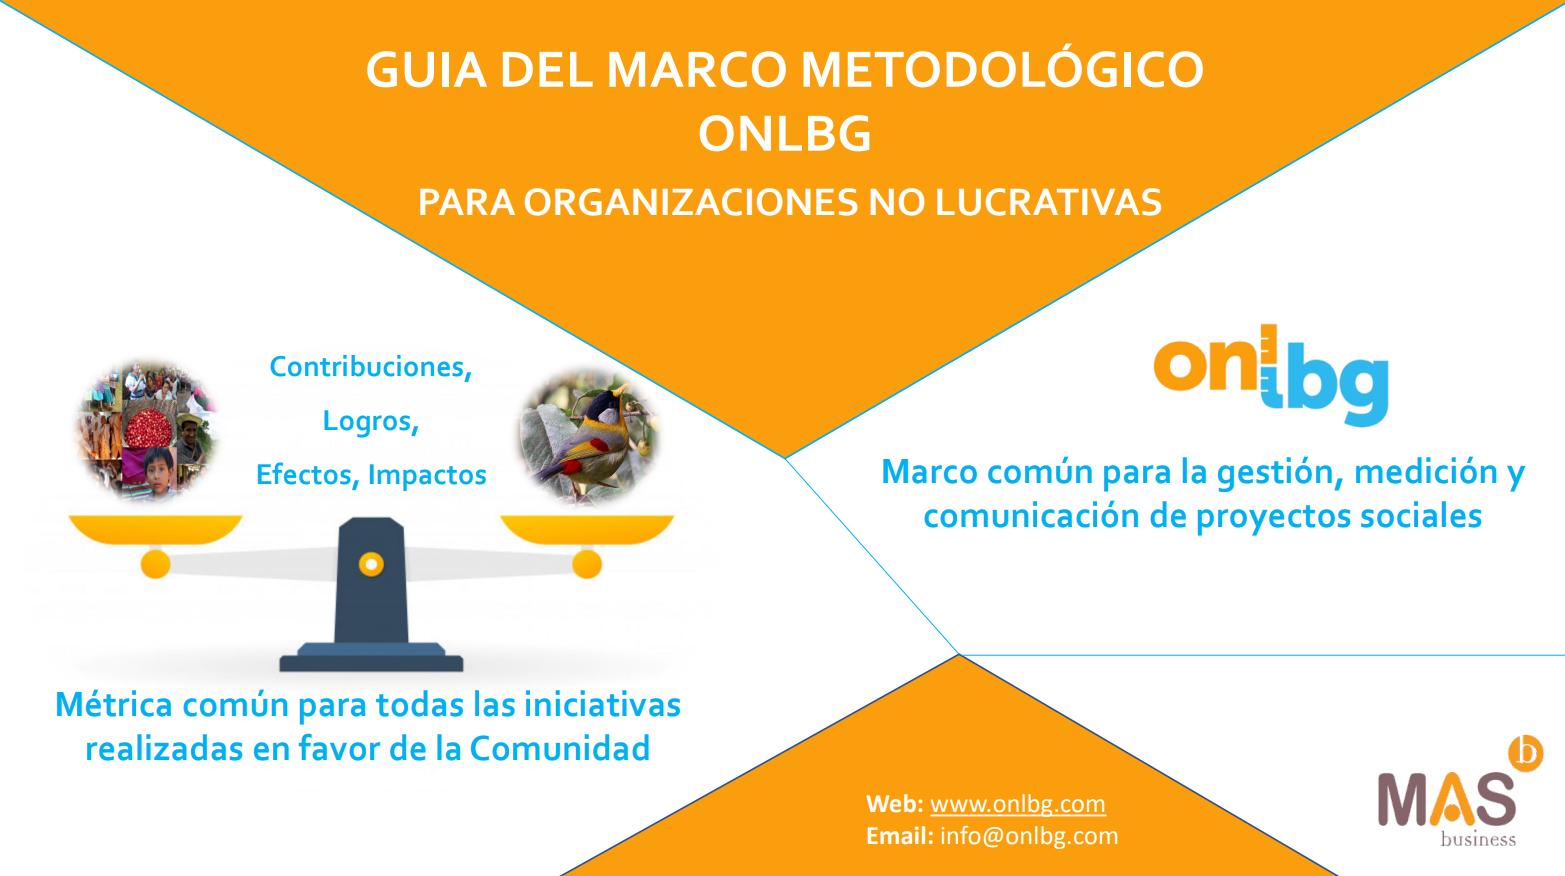 Guía del marco metodológico ONLBG para organizaciones